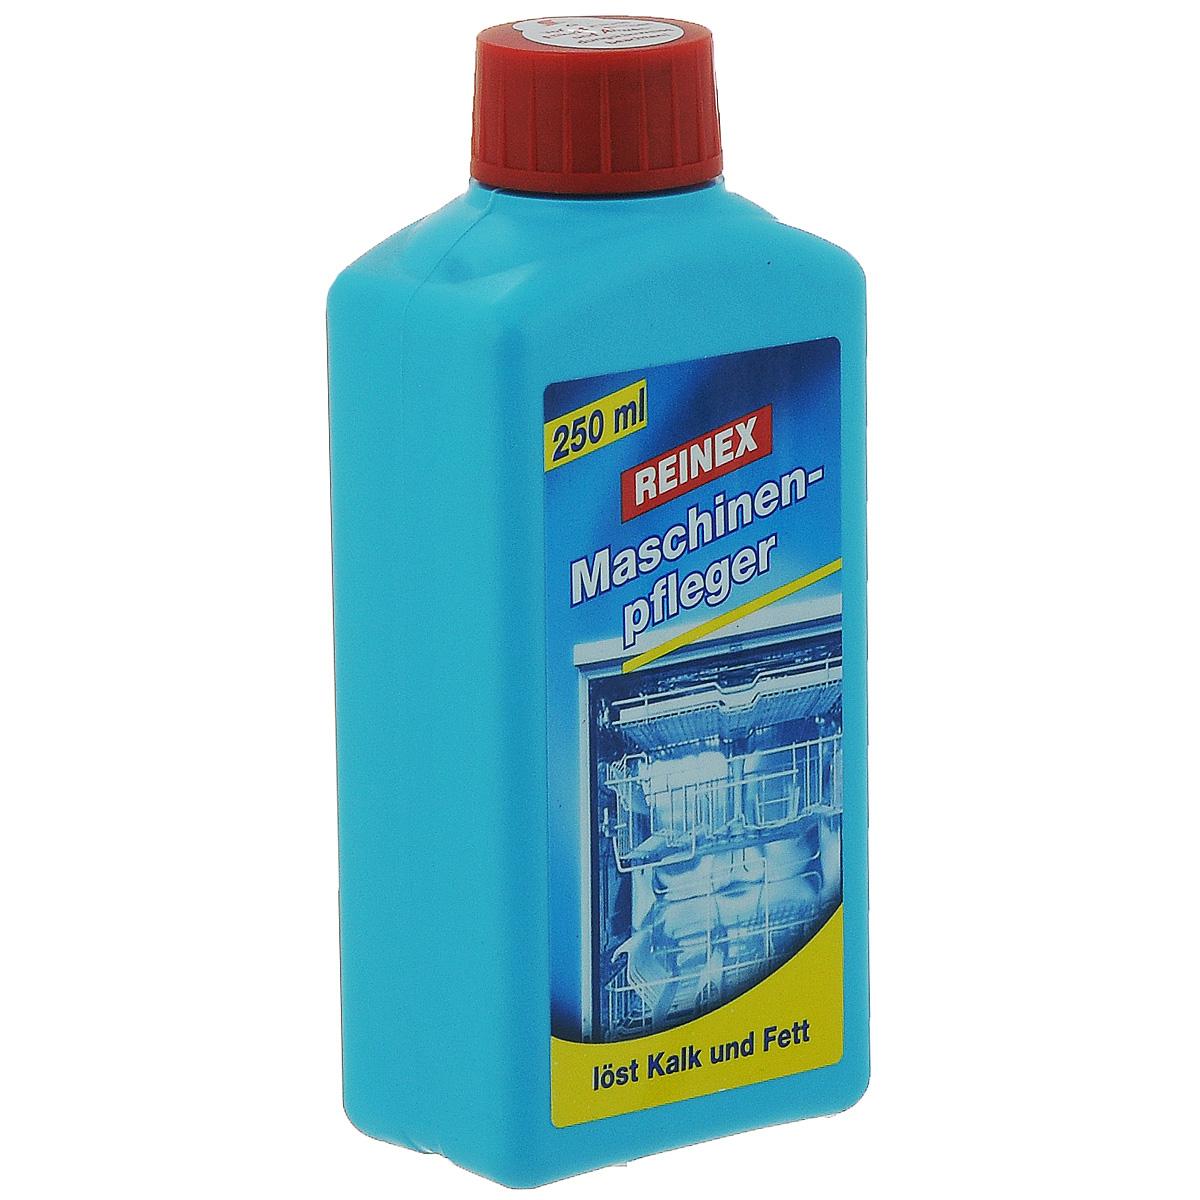 Средство для ухода за посудомоечными машинами Reinex, 250 мл13422Средство для ухода за посудомоечными машинами Reinex эффективно удаляет накипь, известь, загрязнения и жир в посудомоечных машинах. Рекомендовано для всех типов посудомоечных машин. Применять в пустой ПММ с очищенными фильтрами. Состав: >5% неионогенные ПАВ, экстракт лимона. Товар сертифицирован.